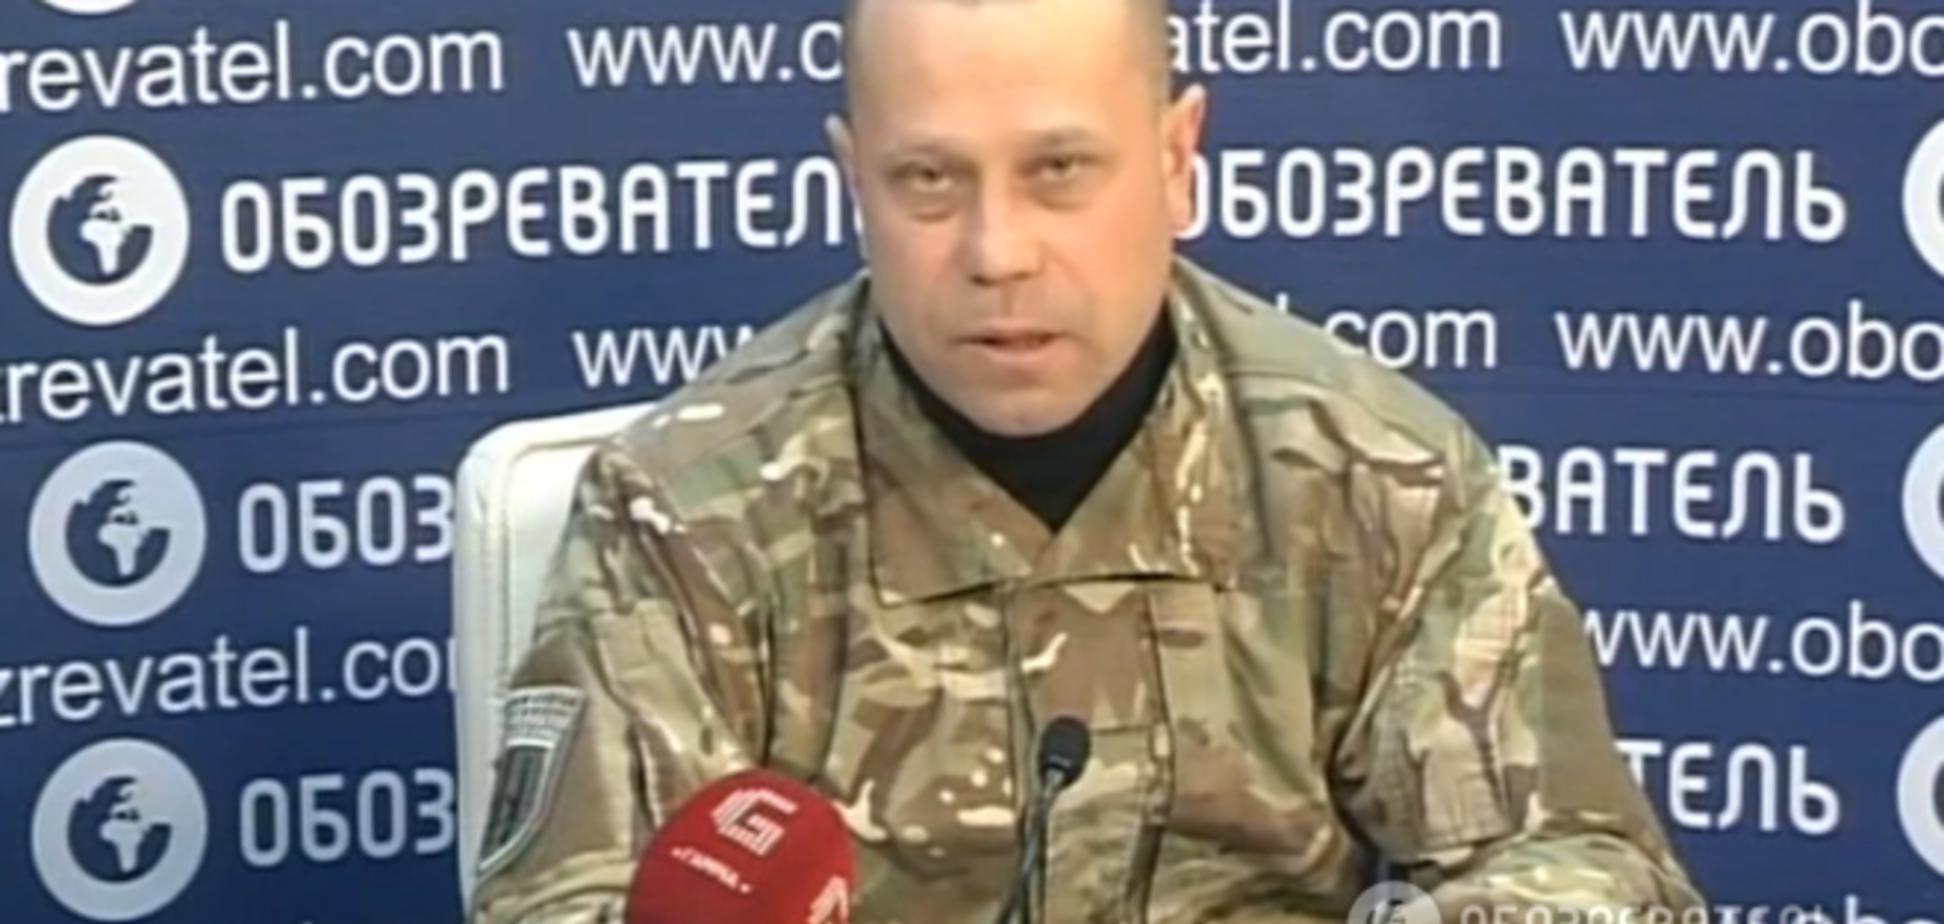 Оболваненные пропагандой 'русского мира' боевики не остановятся на Донбассе - бывший 'киборг'